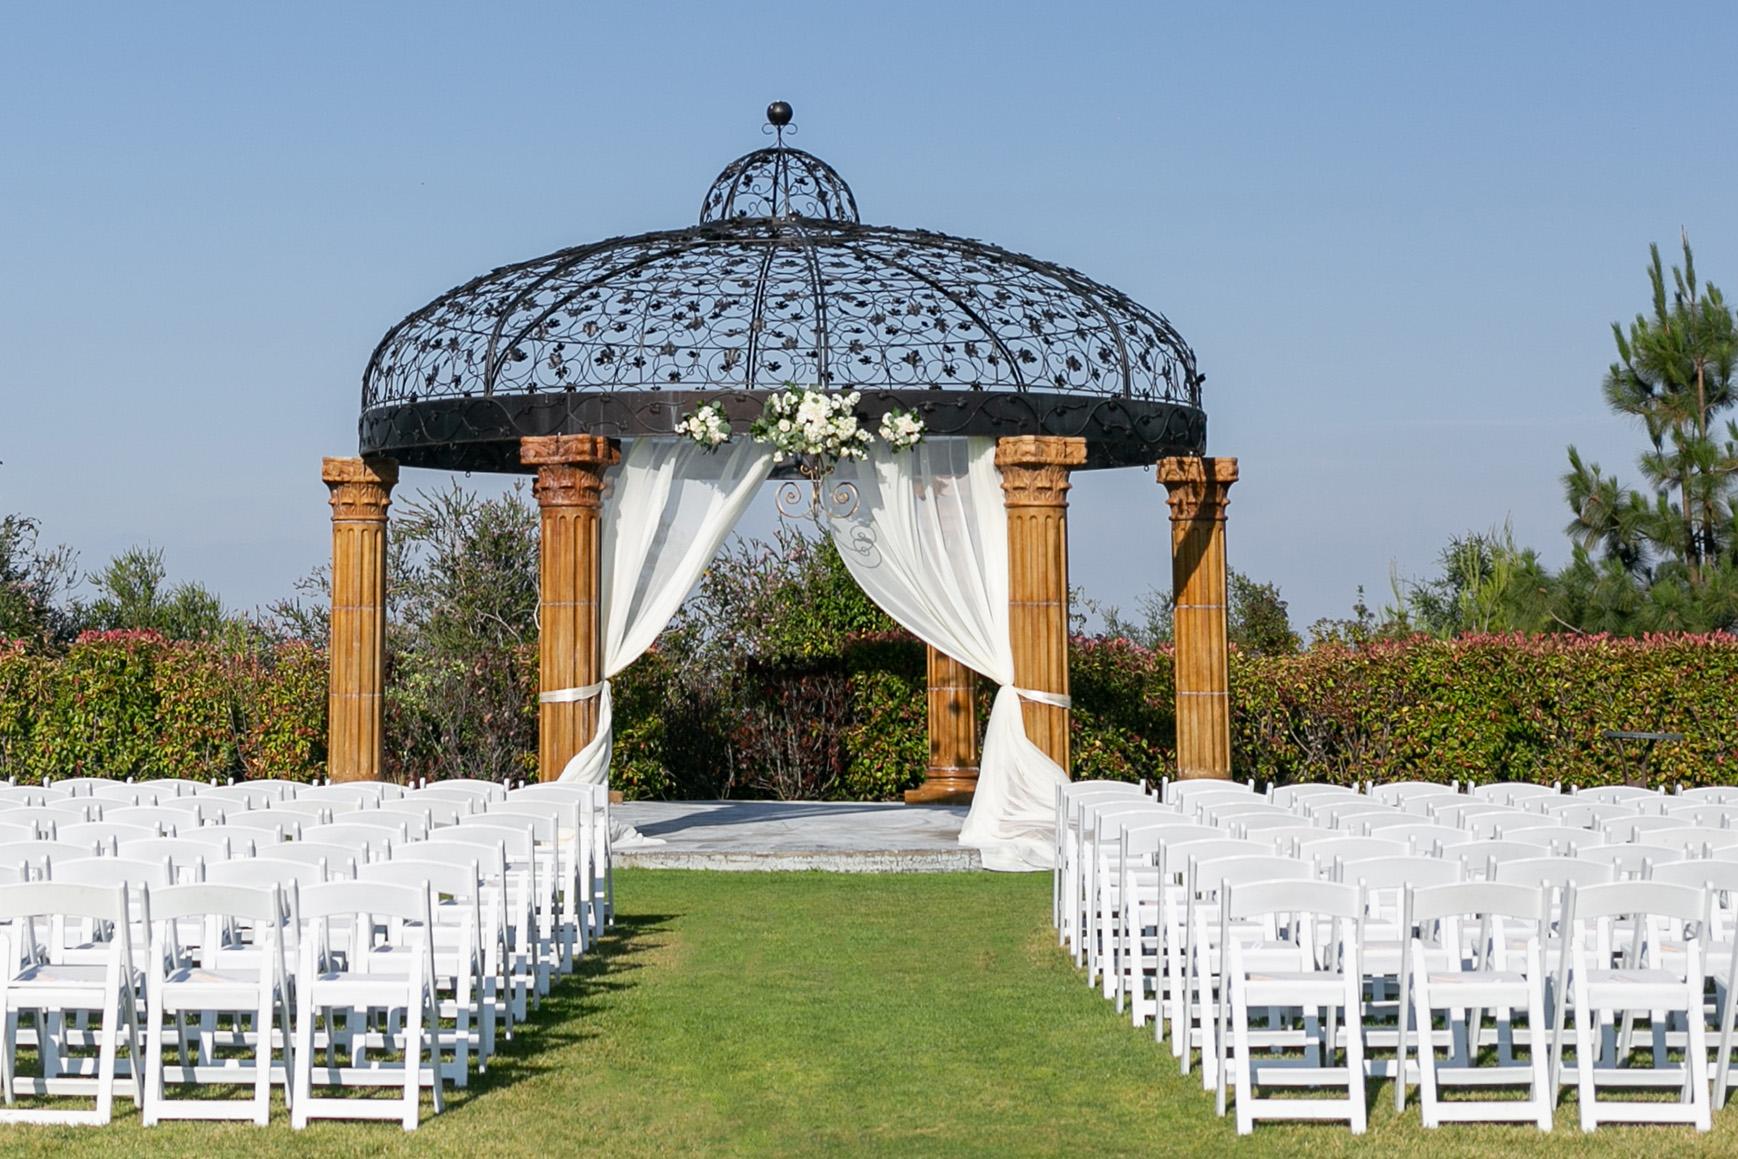 Ceremony site - Vellano - Chino Hills, California - San Bernardino County - Wedgewood Weddings